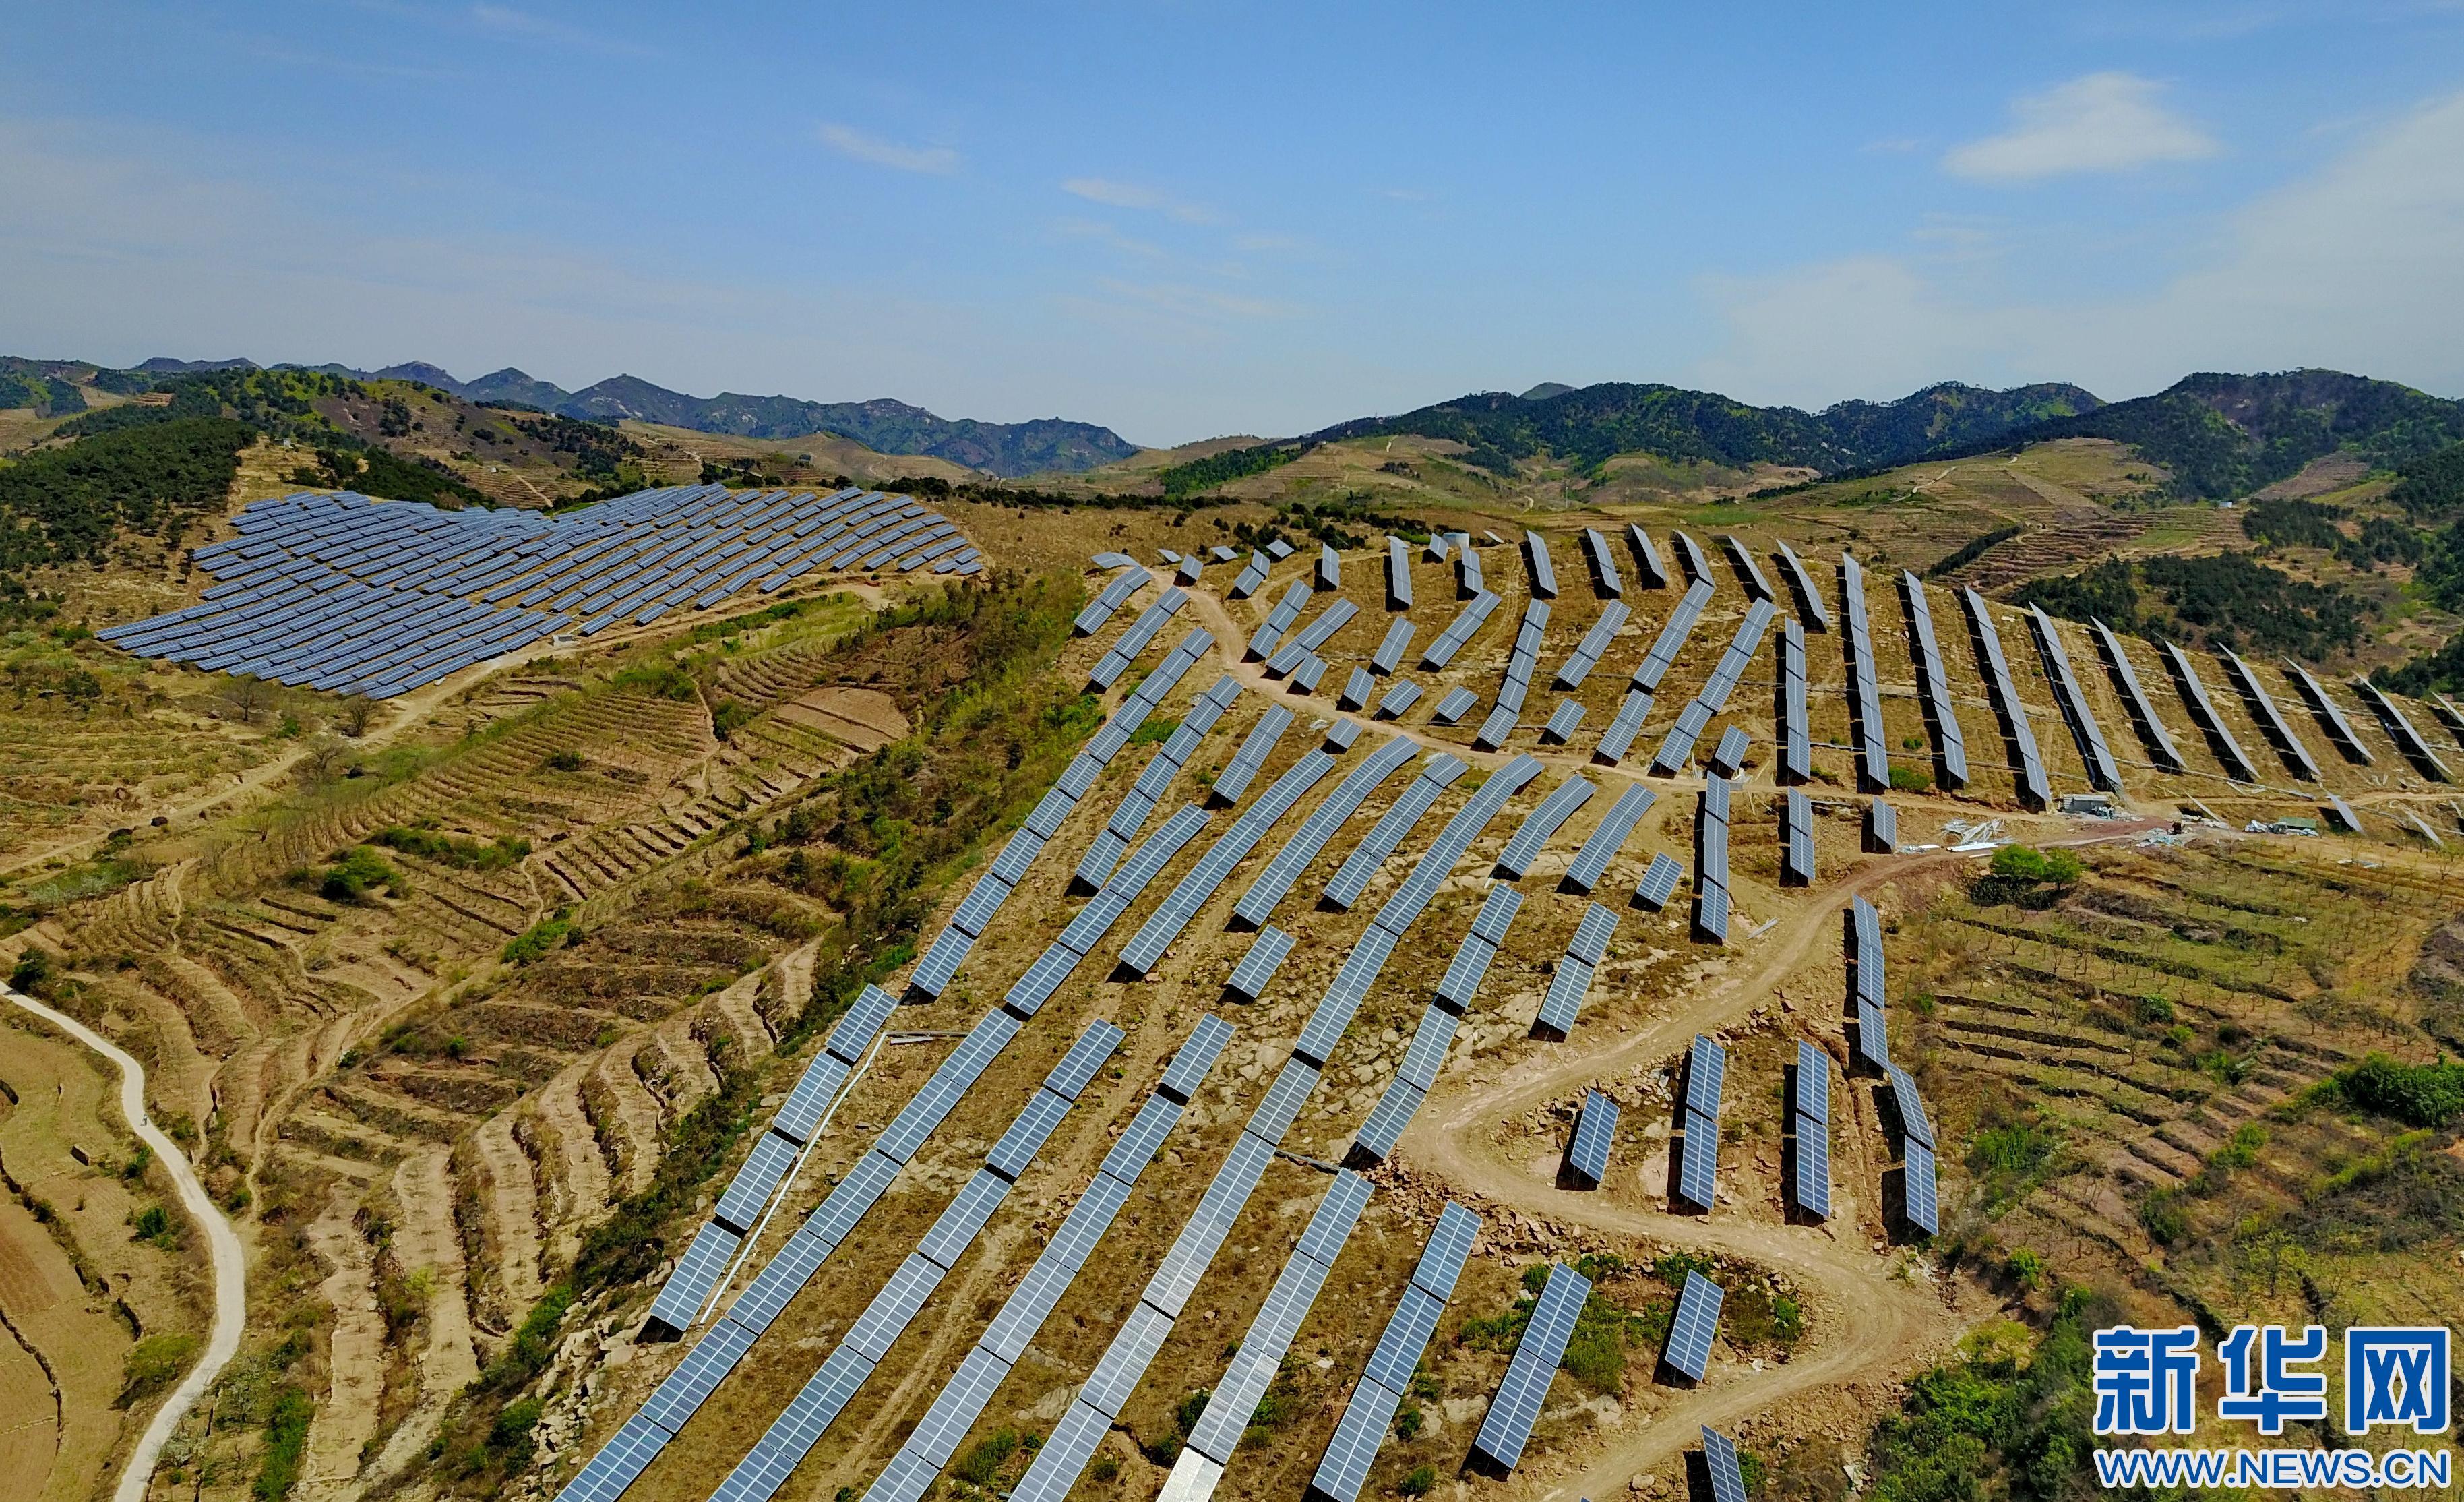 河北秦皇岛推进新能源发展